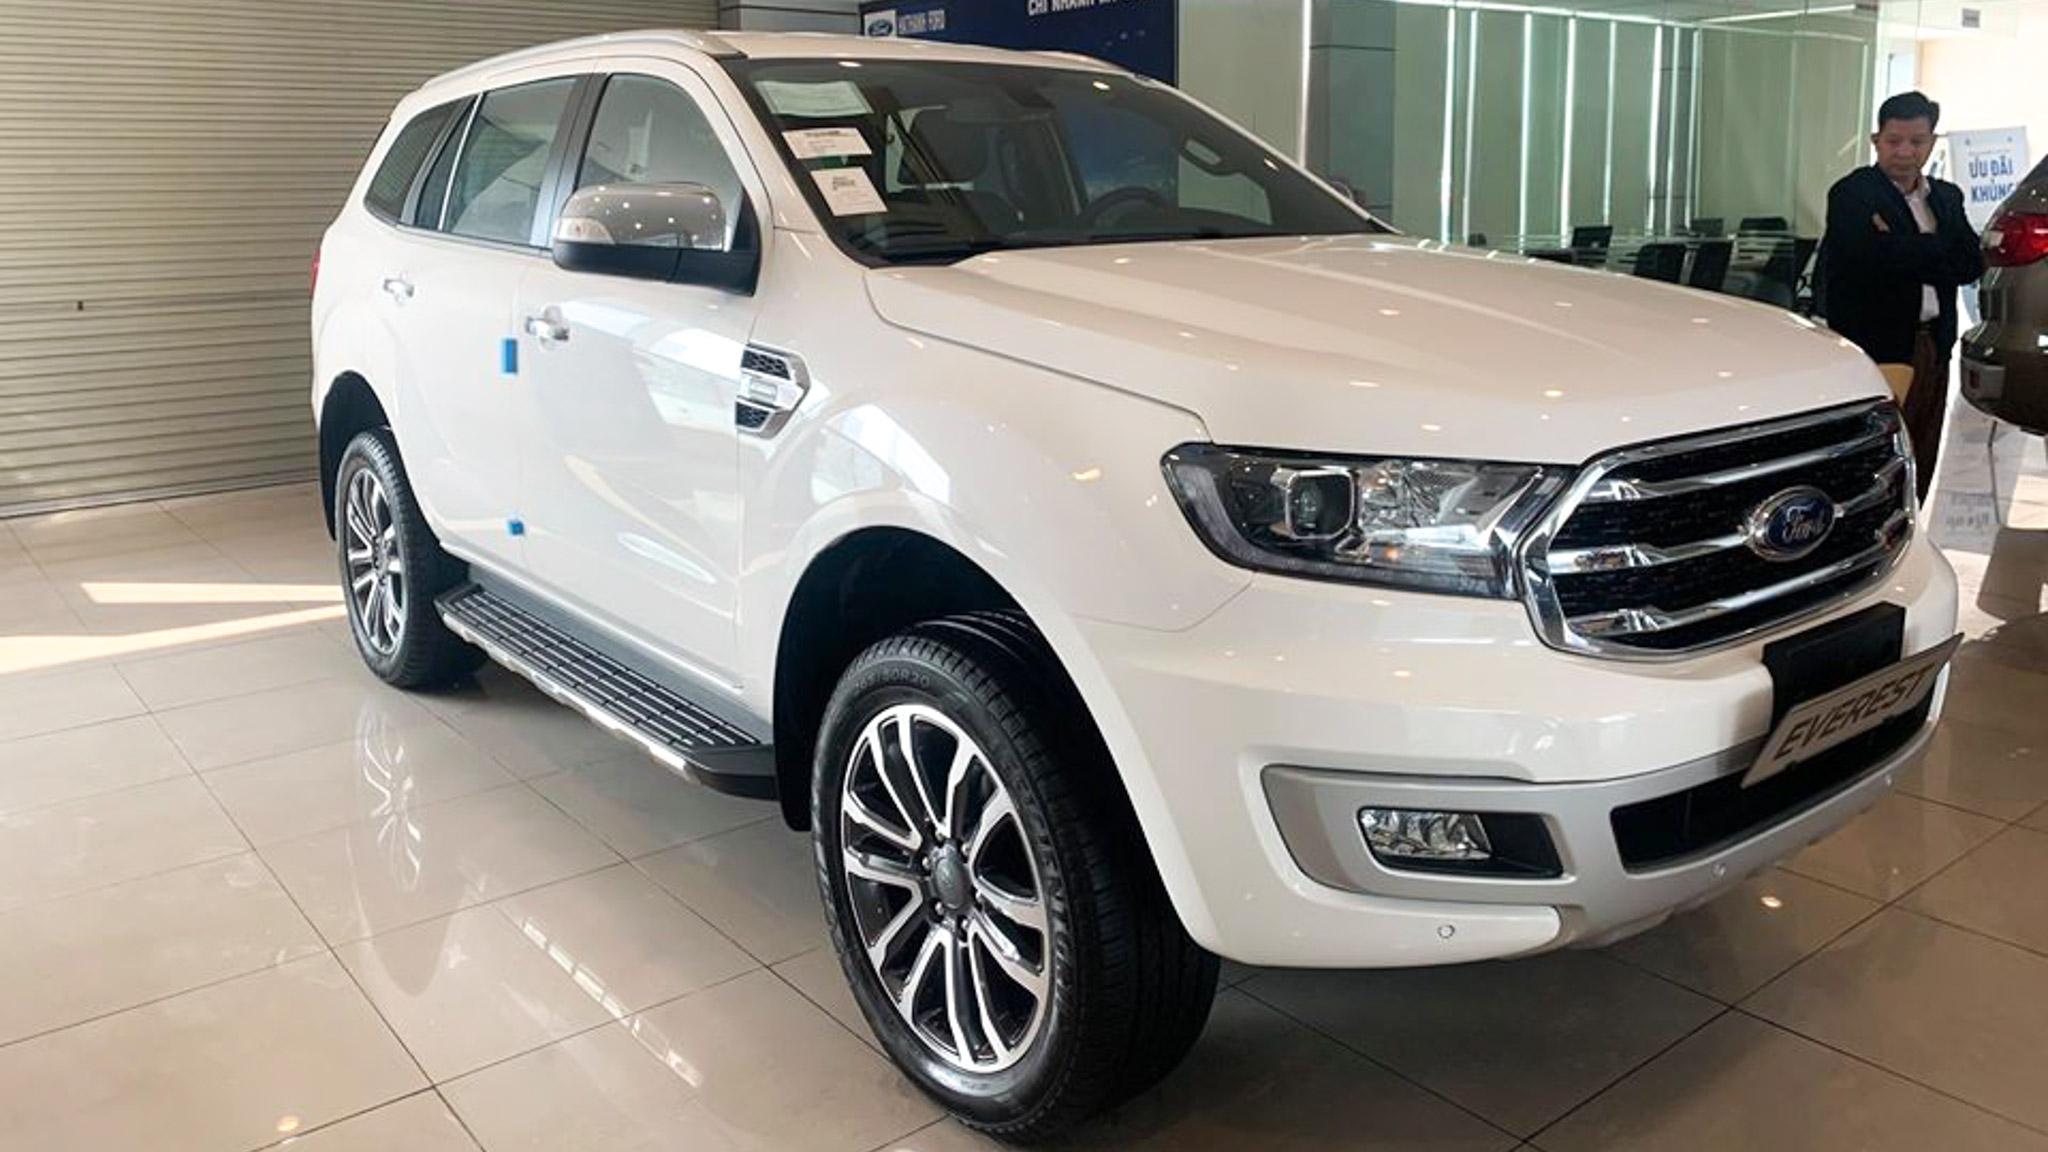 Ford Everest 2020 được nâng cấp, giá gần 1,2 tỷ đồng tại Việt Nam - 3